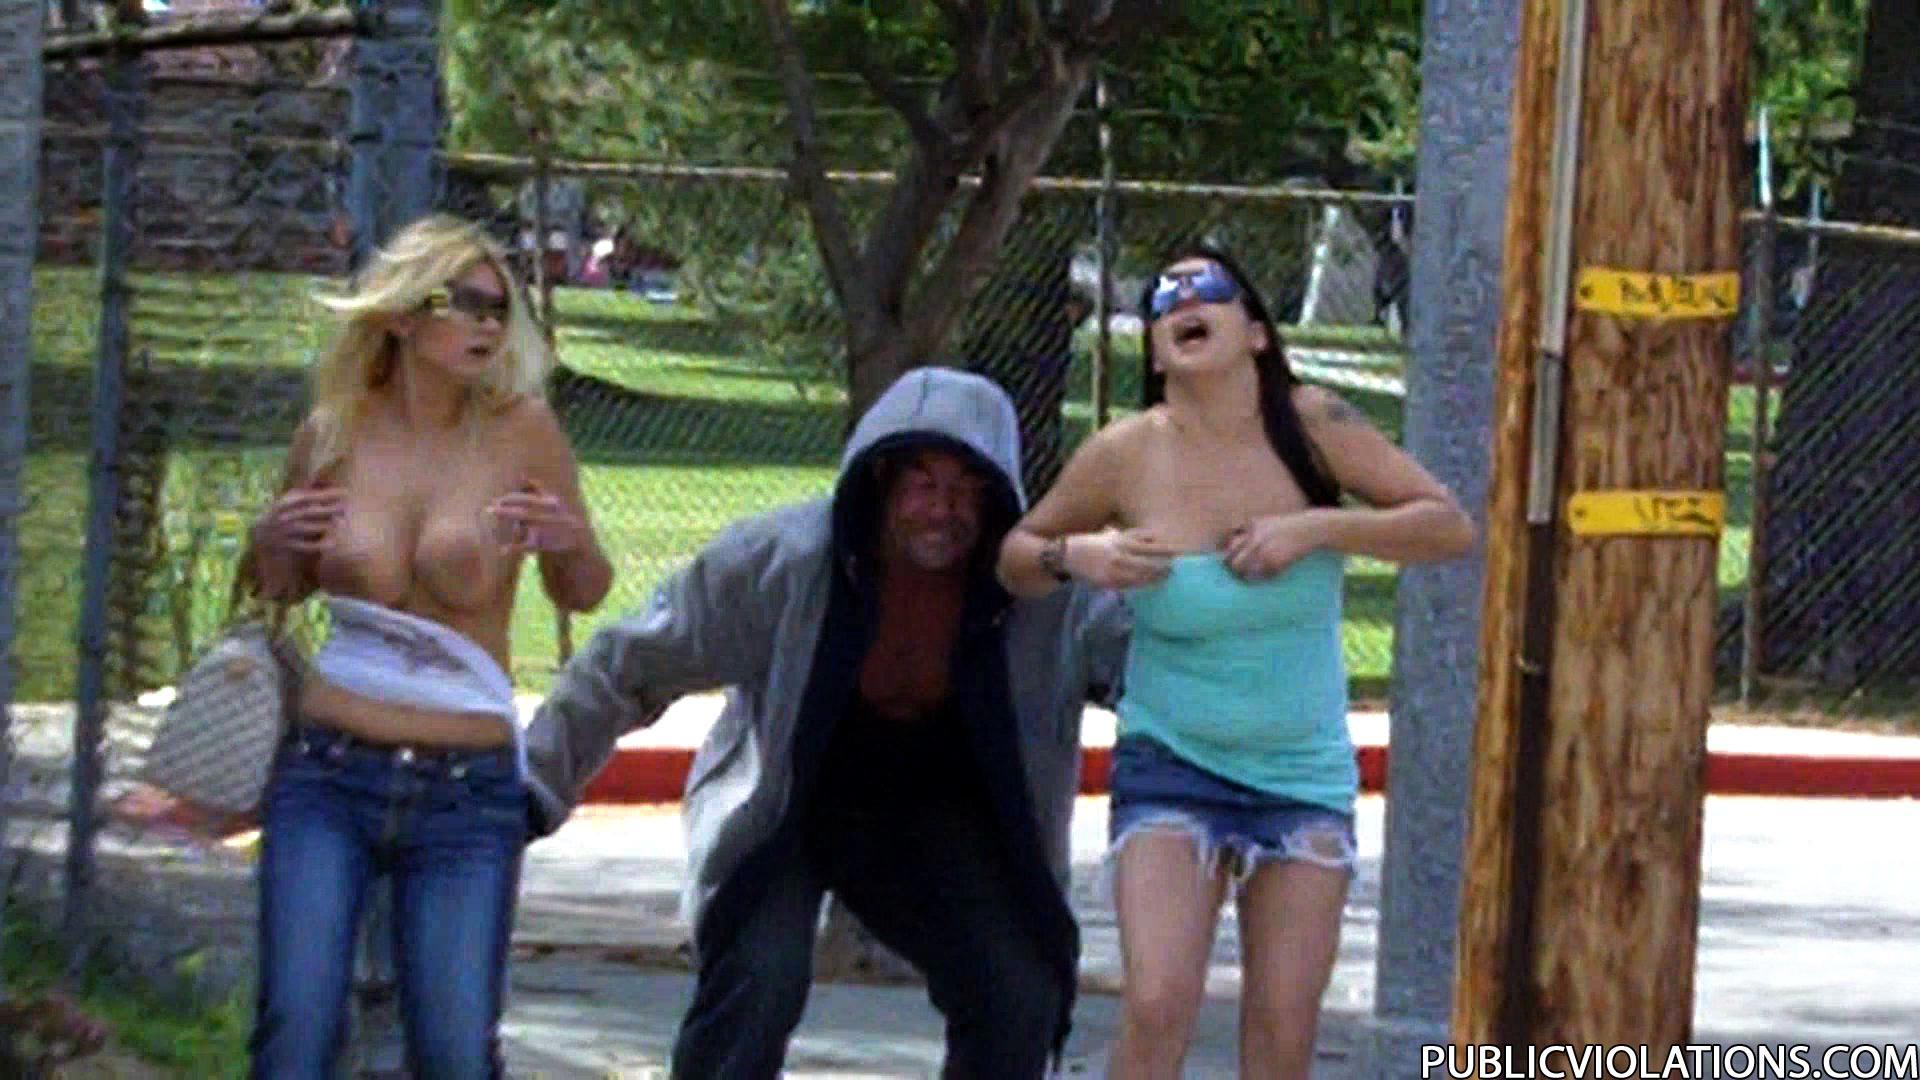 Срываем одежду на публике 1 фотография